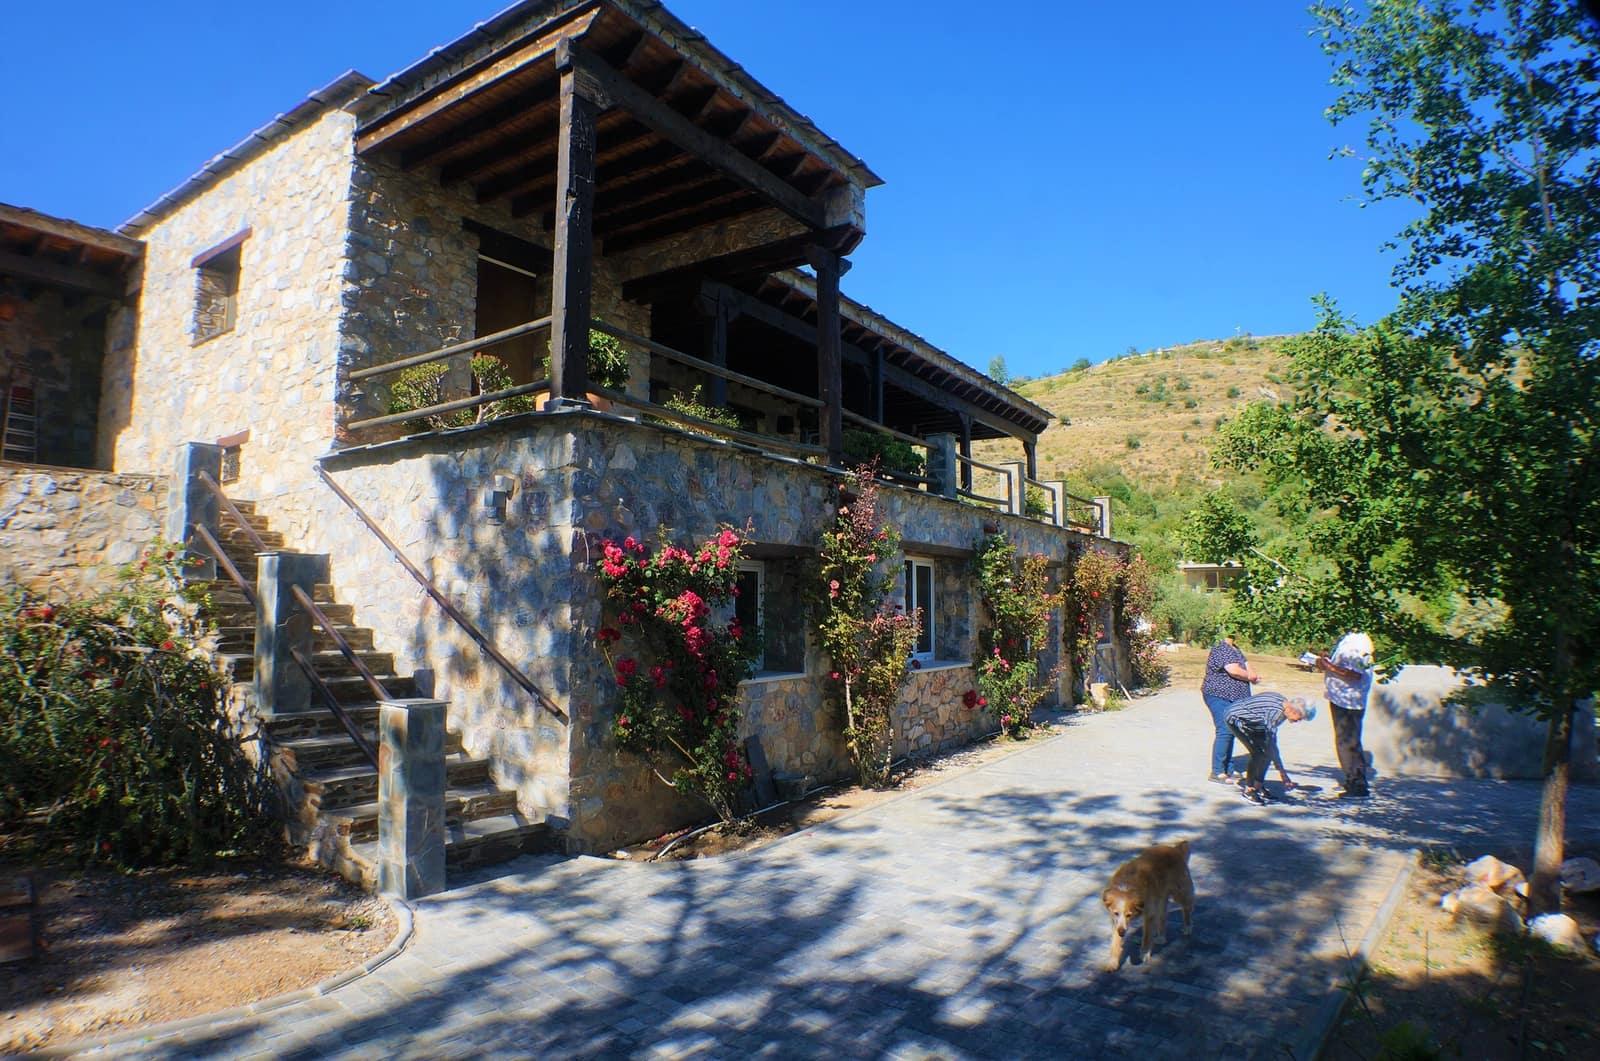 Finca/Casa Rural de 4 habitaciones en Lanjarón en venta con piscina - 340.000 € (Ref: 4620830)